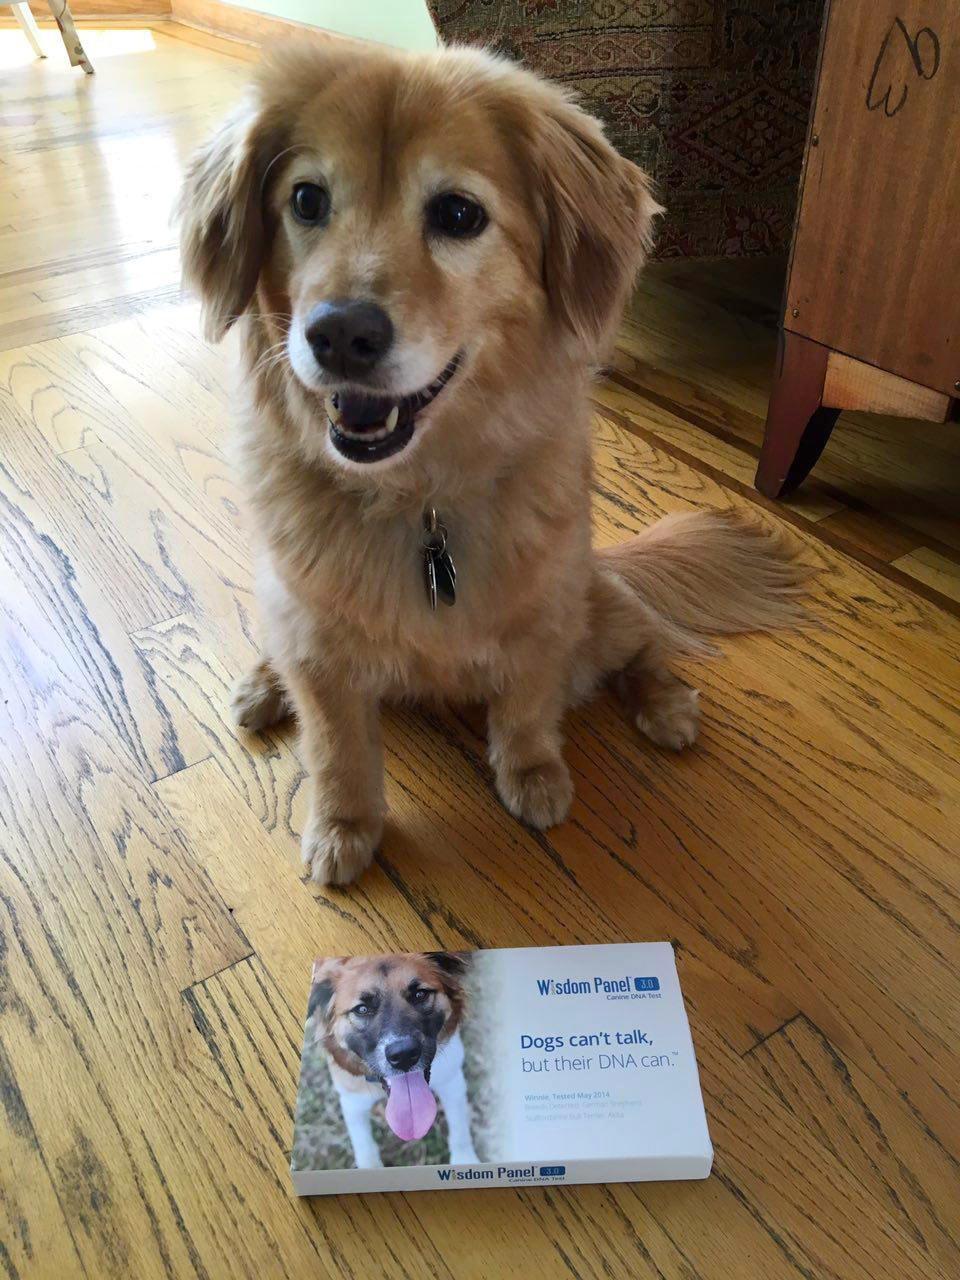 Le hizo un examen de ADN a su perro y descubrio cosas asombrosas 20